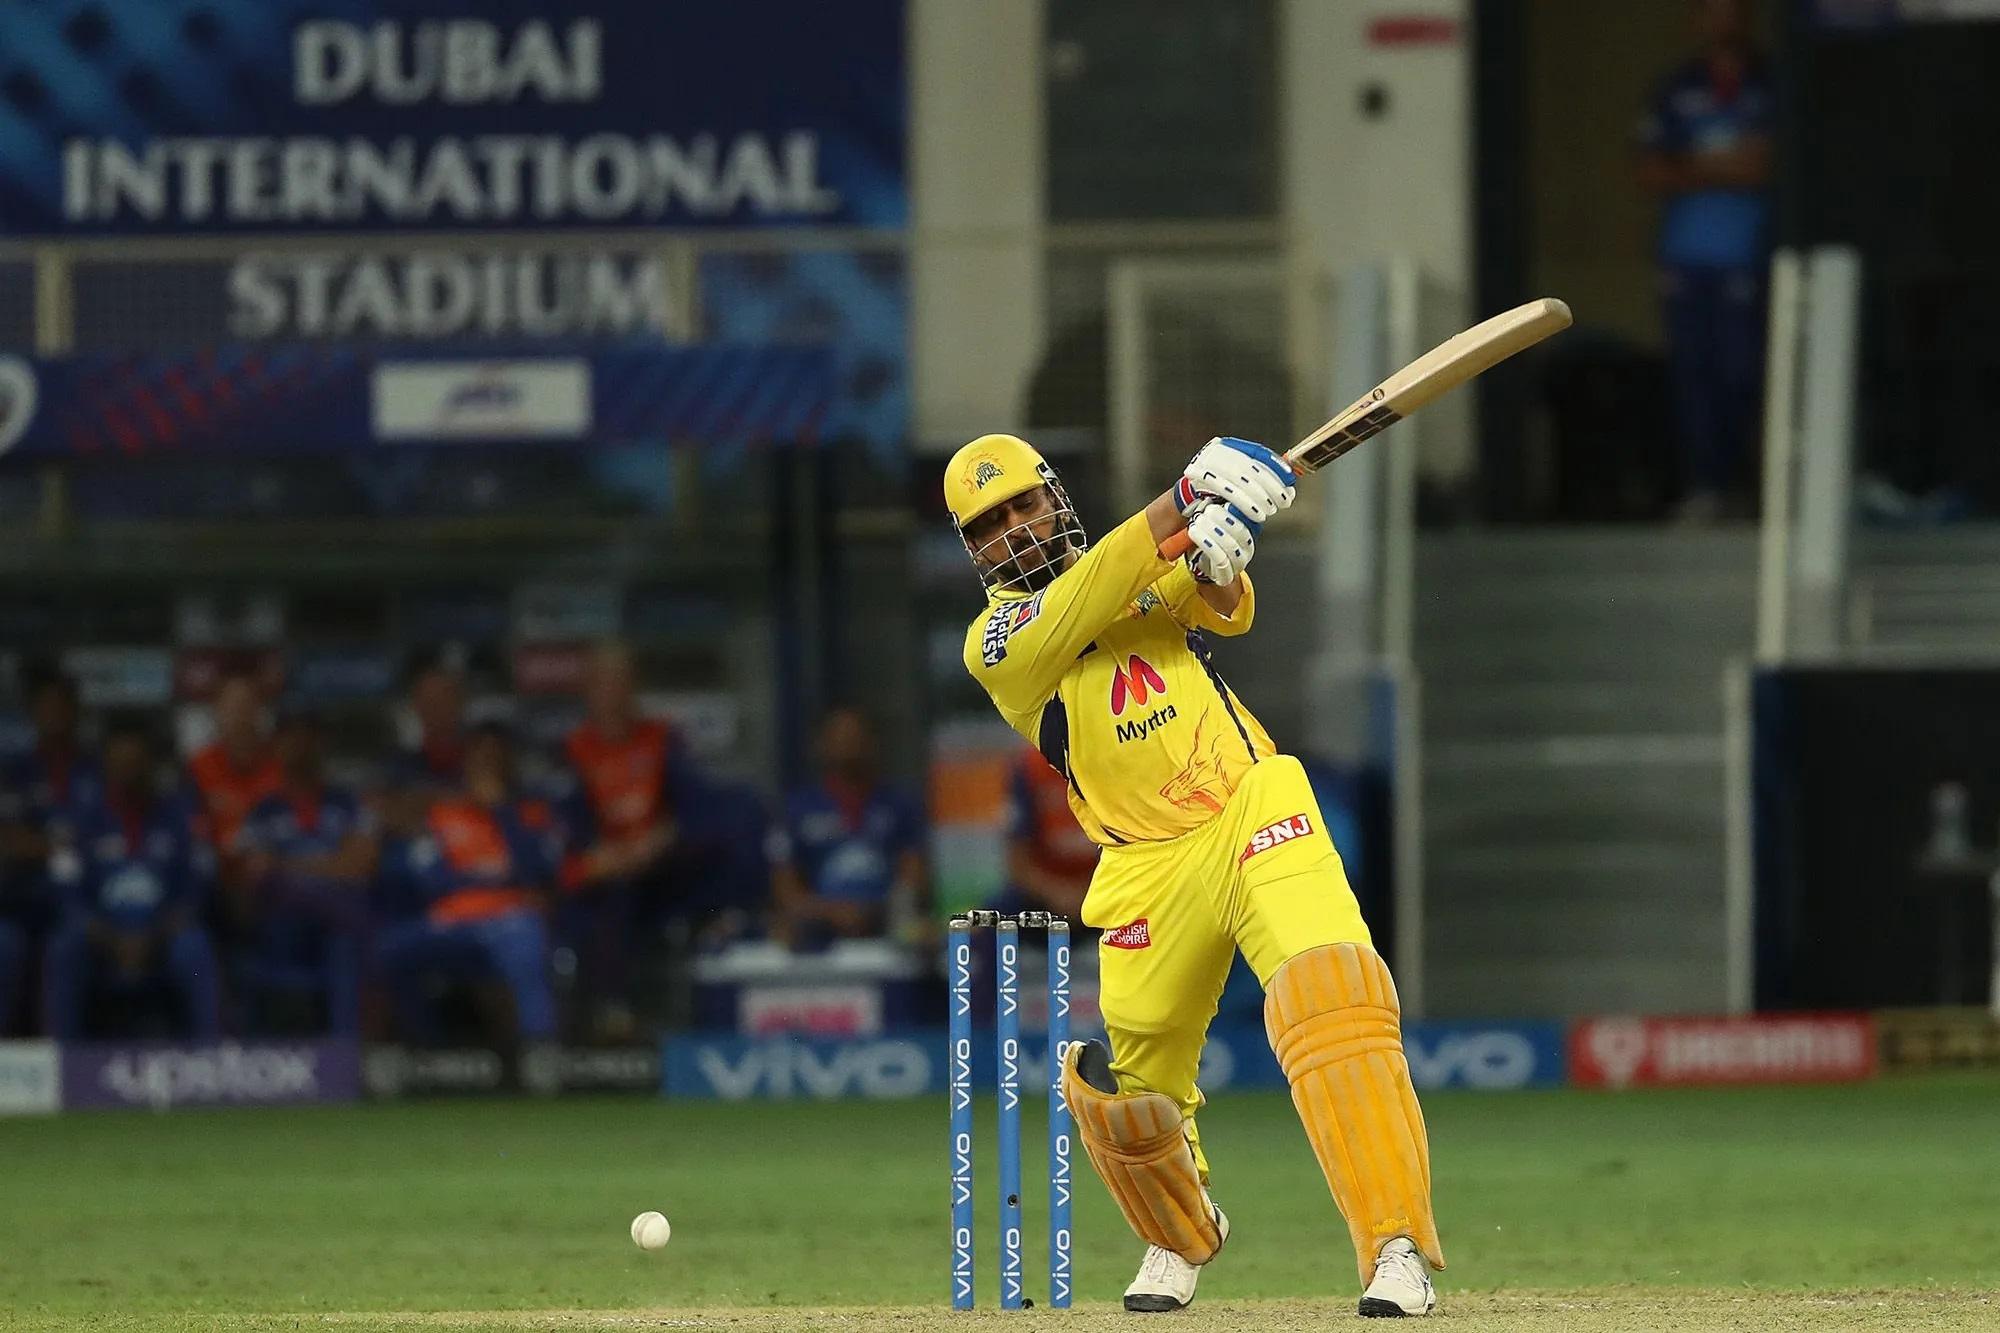 कैच पकड़े जाने से पहले धोनी और मोइन अली ने अपने छोर बदल लिए थे। इसिलए अब 5 गेंद में 13 रन बनाने थे महेंद्र सिंह धोनी को। धोनी ने सिर्फ 3 गेंद में ही लक्ष्य हासिल कर लिया। उन्होंने 3 लगतार चौके मारे। बीच में टॉम ने एक गेंद वाइड फेंक दी थी। इसलिए धोनी की चेन्नई ने 2 गेंद रहते ये मैच जीत लिया था। धोनी ने महज 6 गेंद में 18 रन की पारी खेली थी।